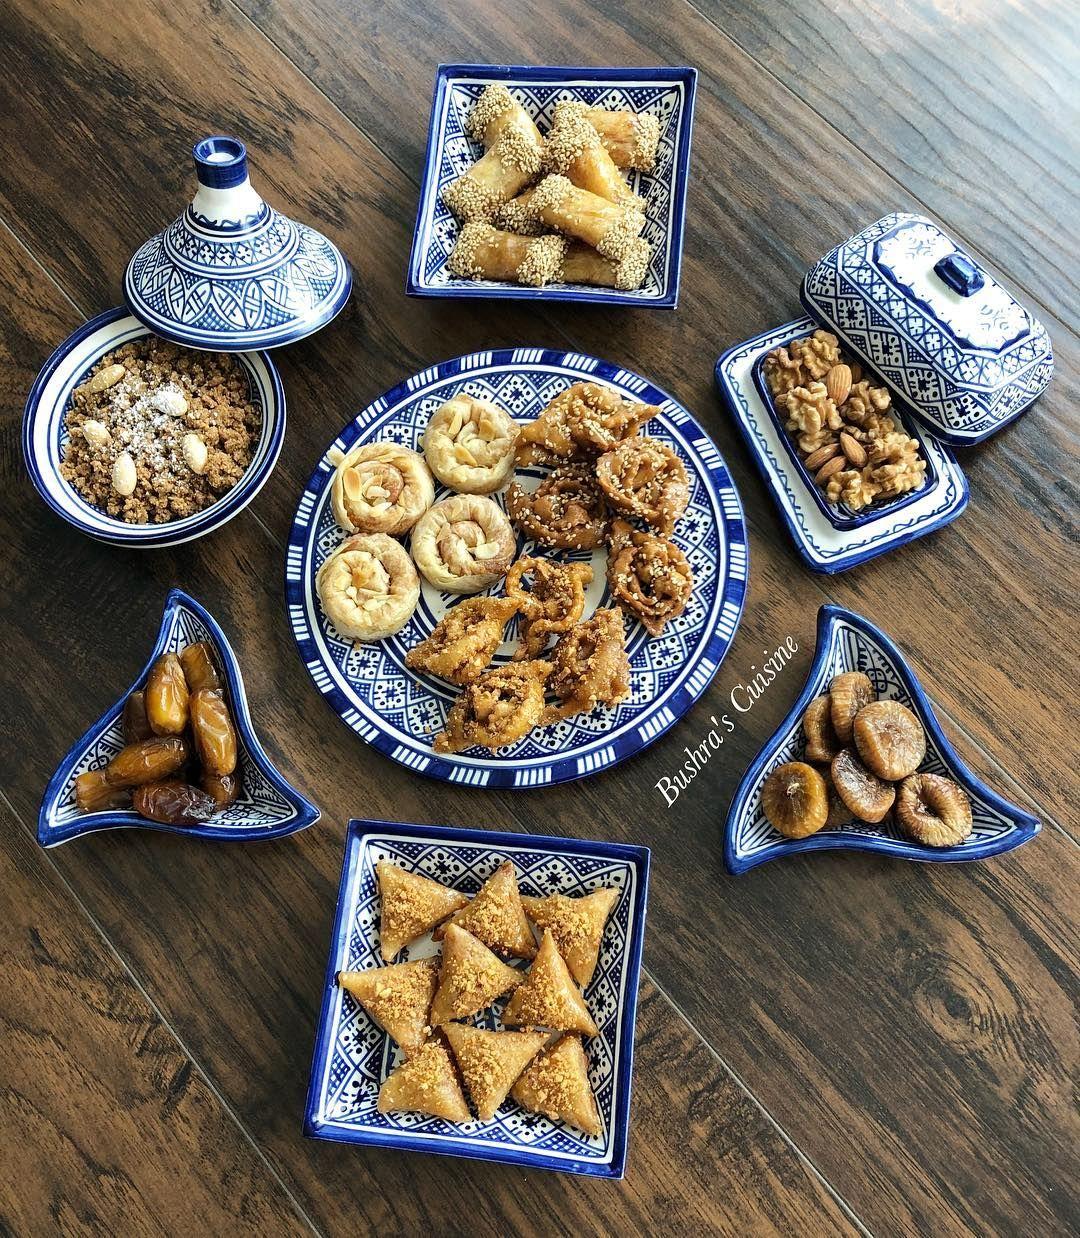 Petit Dejeuner Marocain Gouter Marocain Gouter A La Marocaine Presentation A La Marocaine Moroccan Food Moroccan Breakfas Moroccan Food Morrocan Food Food